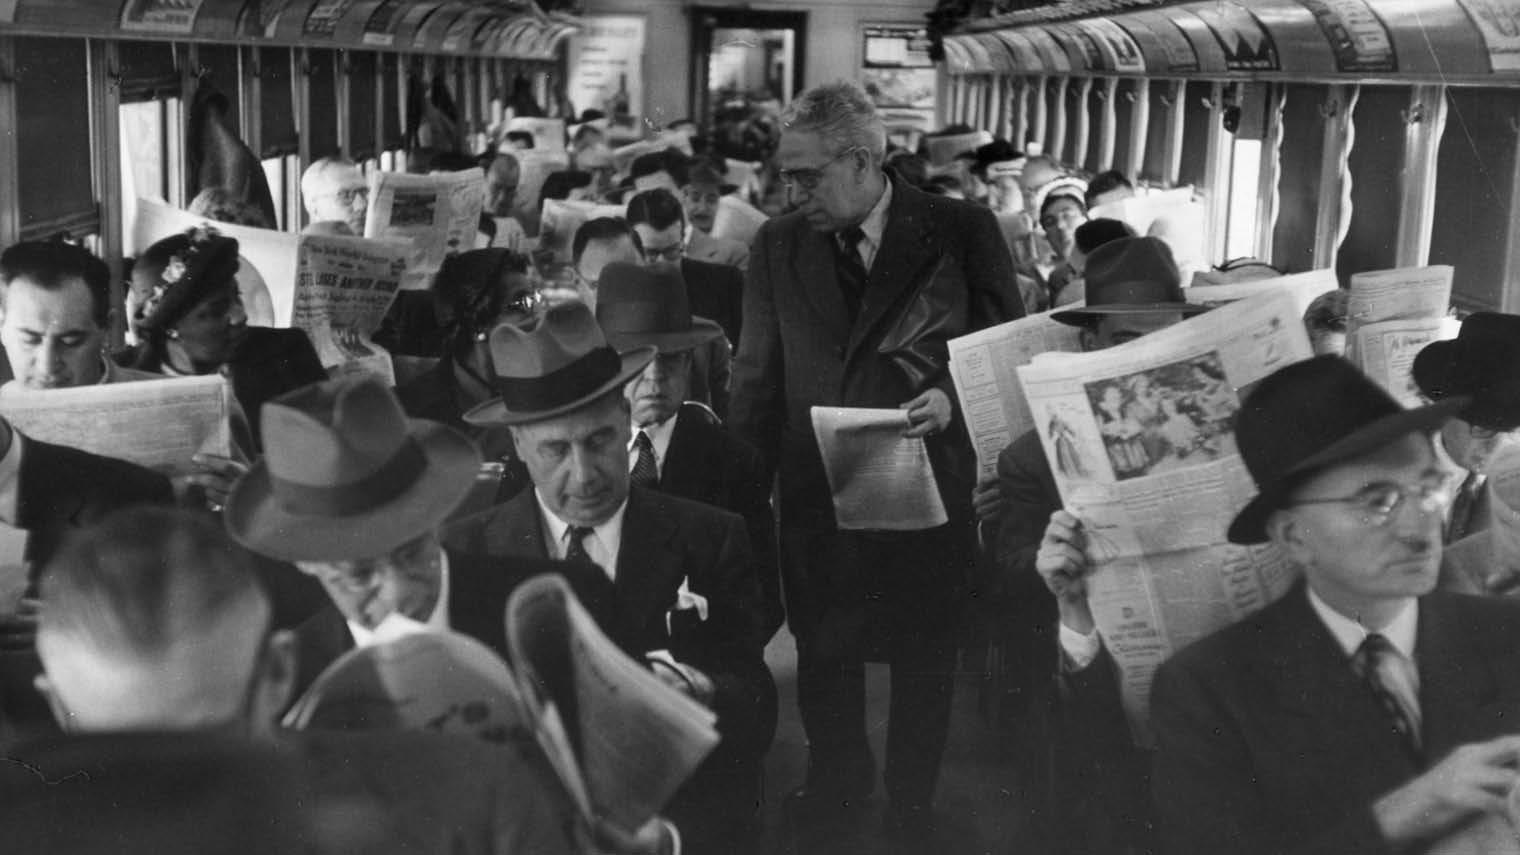 lectores leyendo en un tren aislamiento social